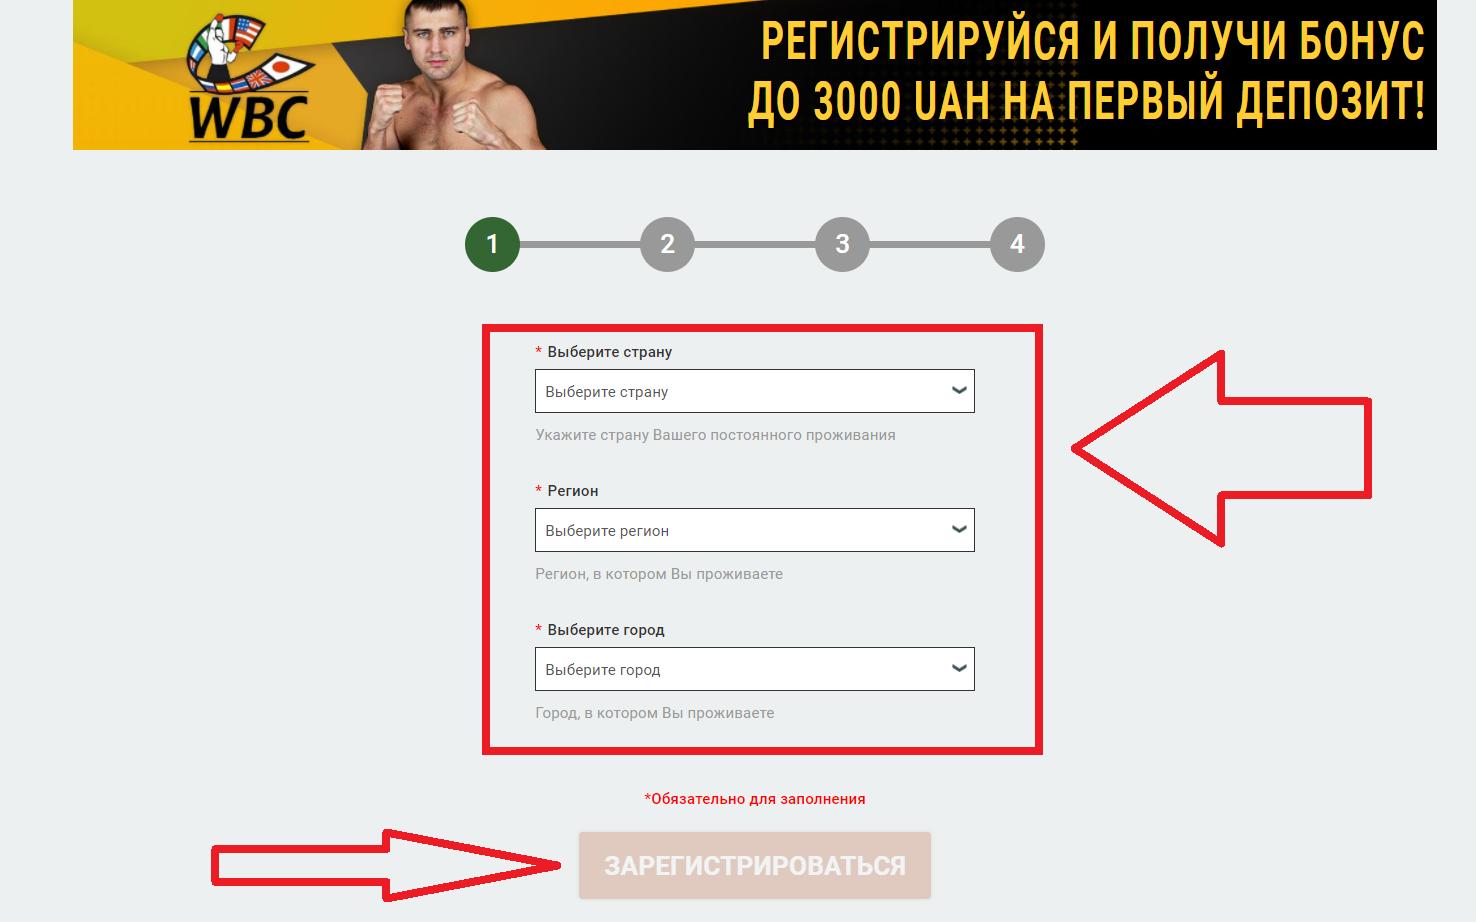 Промокод Мелбет при регистрации: новый игровой аккаунт и настройка ЛК